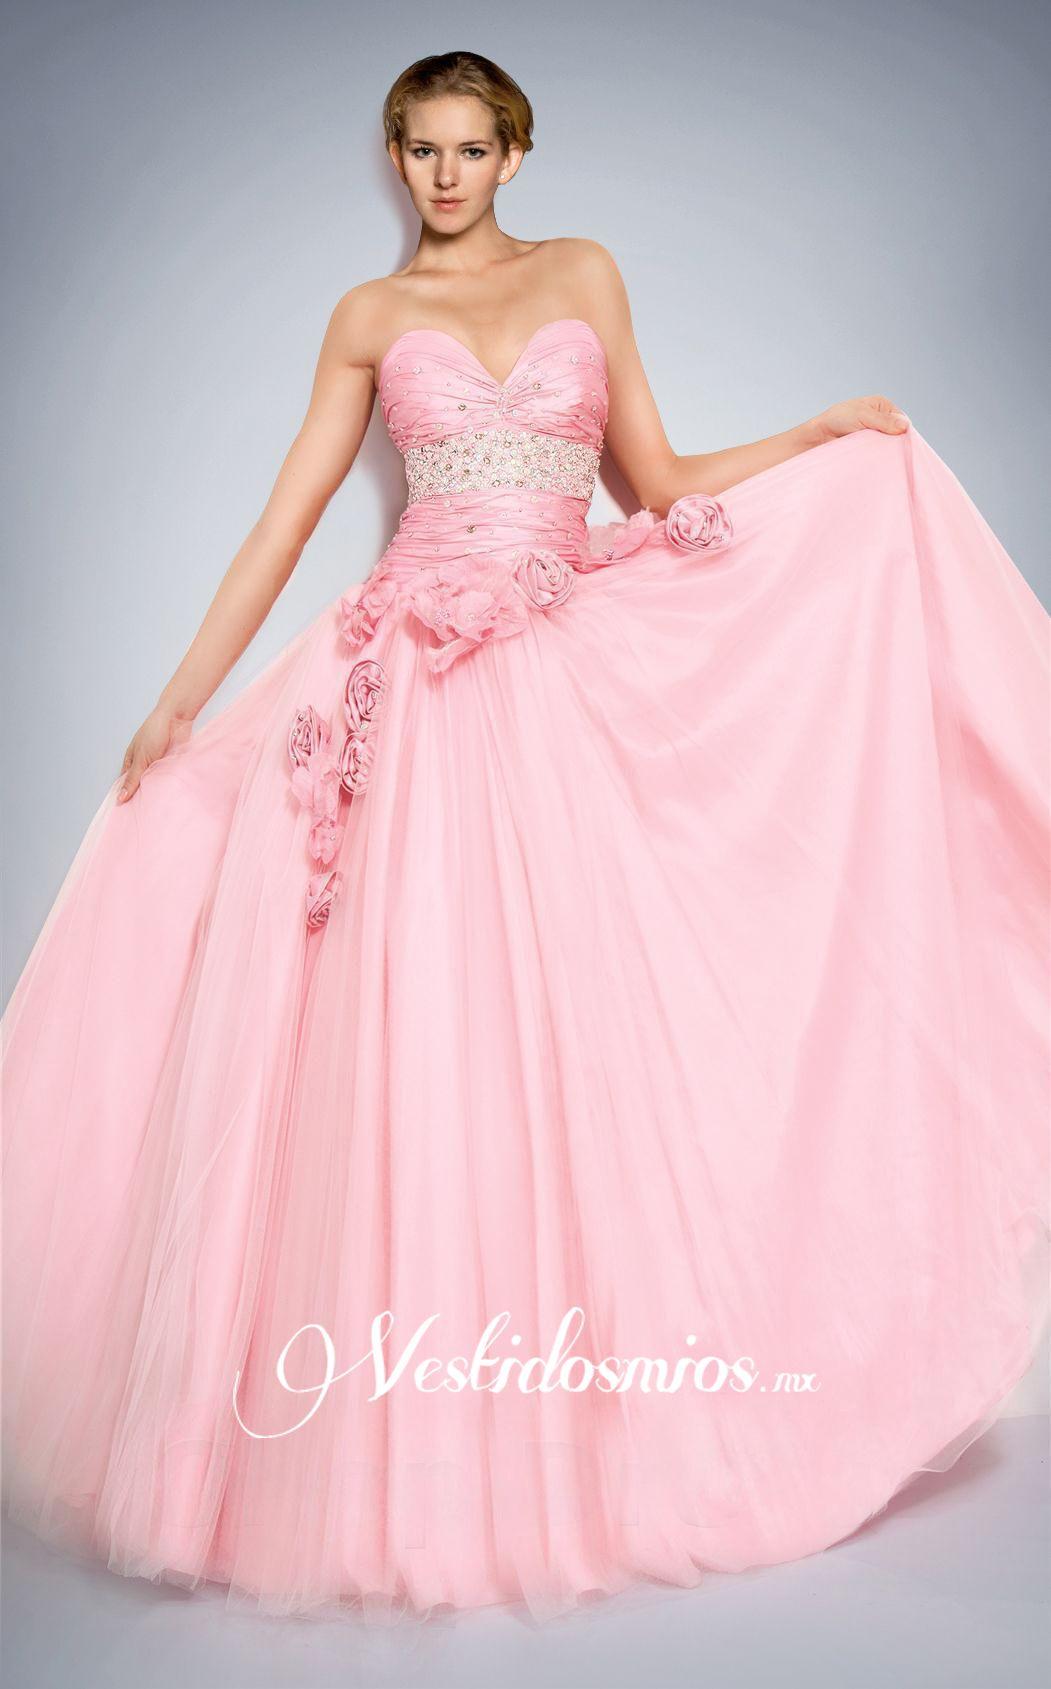 Vestidos de Fiesta | moda y estilo | Pinterest | Vestidos de fiesta ...